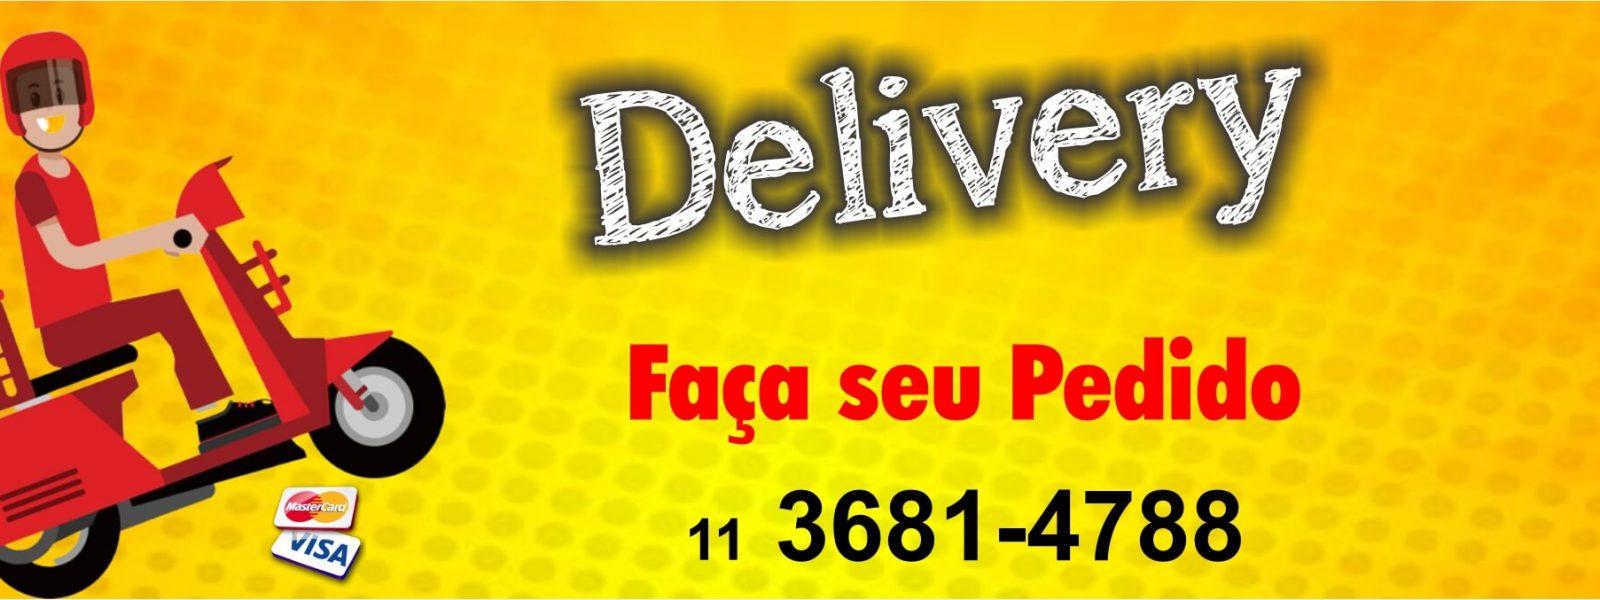 slide-delivery-01